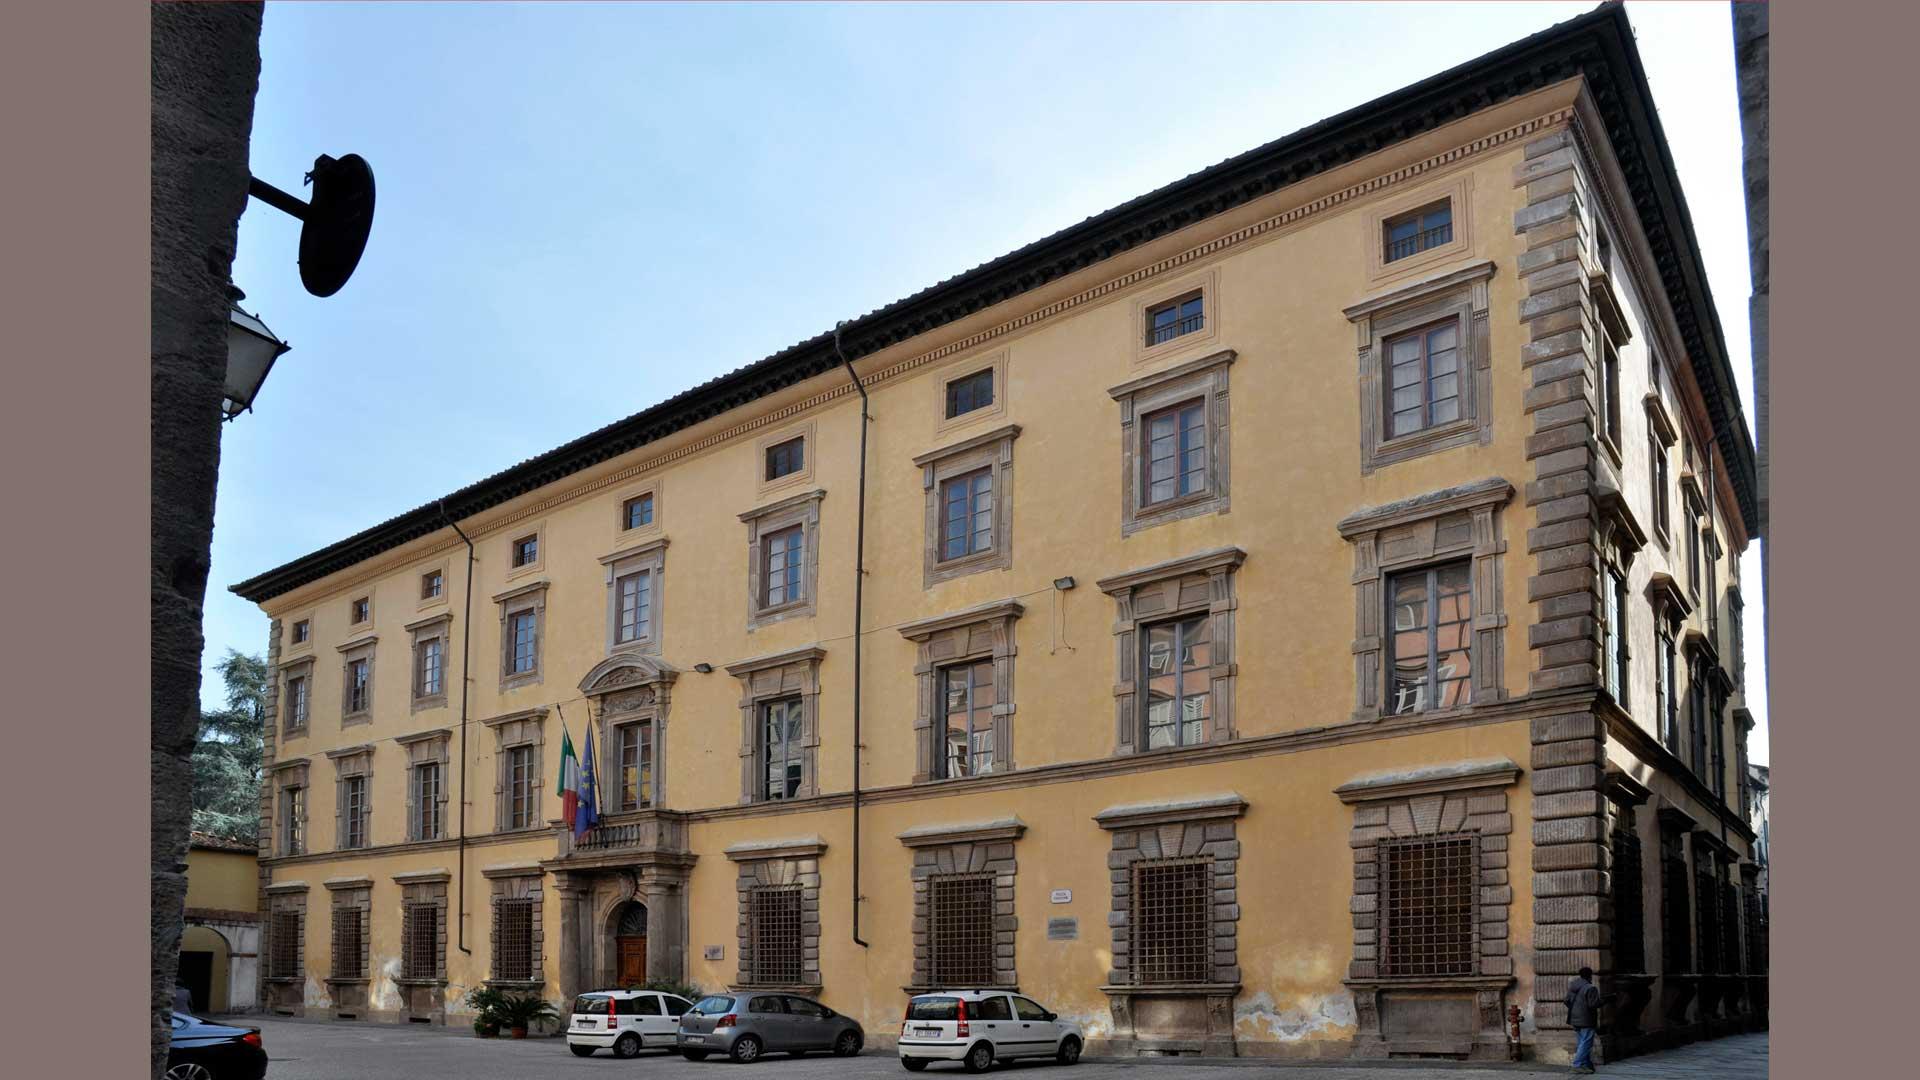 Palazzo Guidiccioni